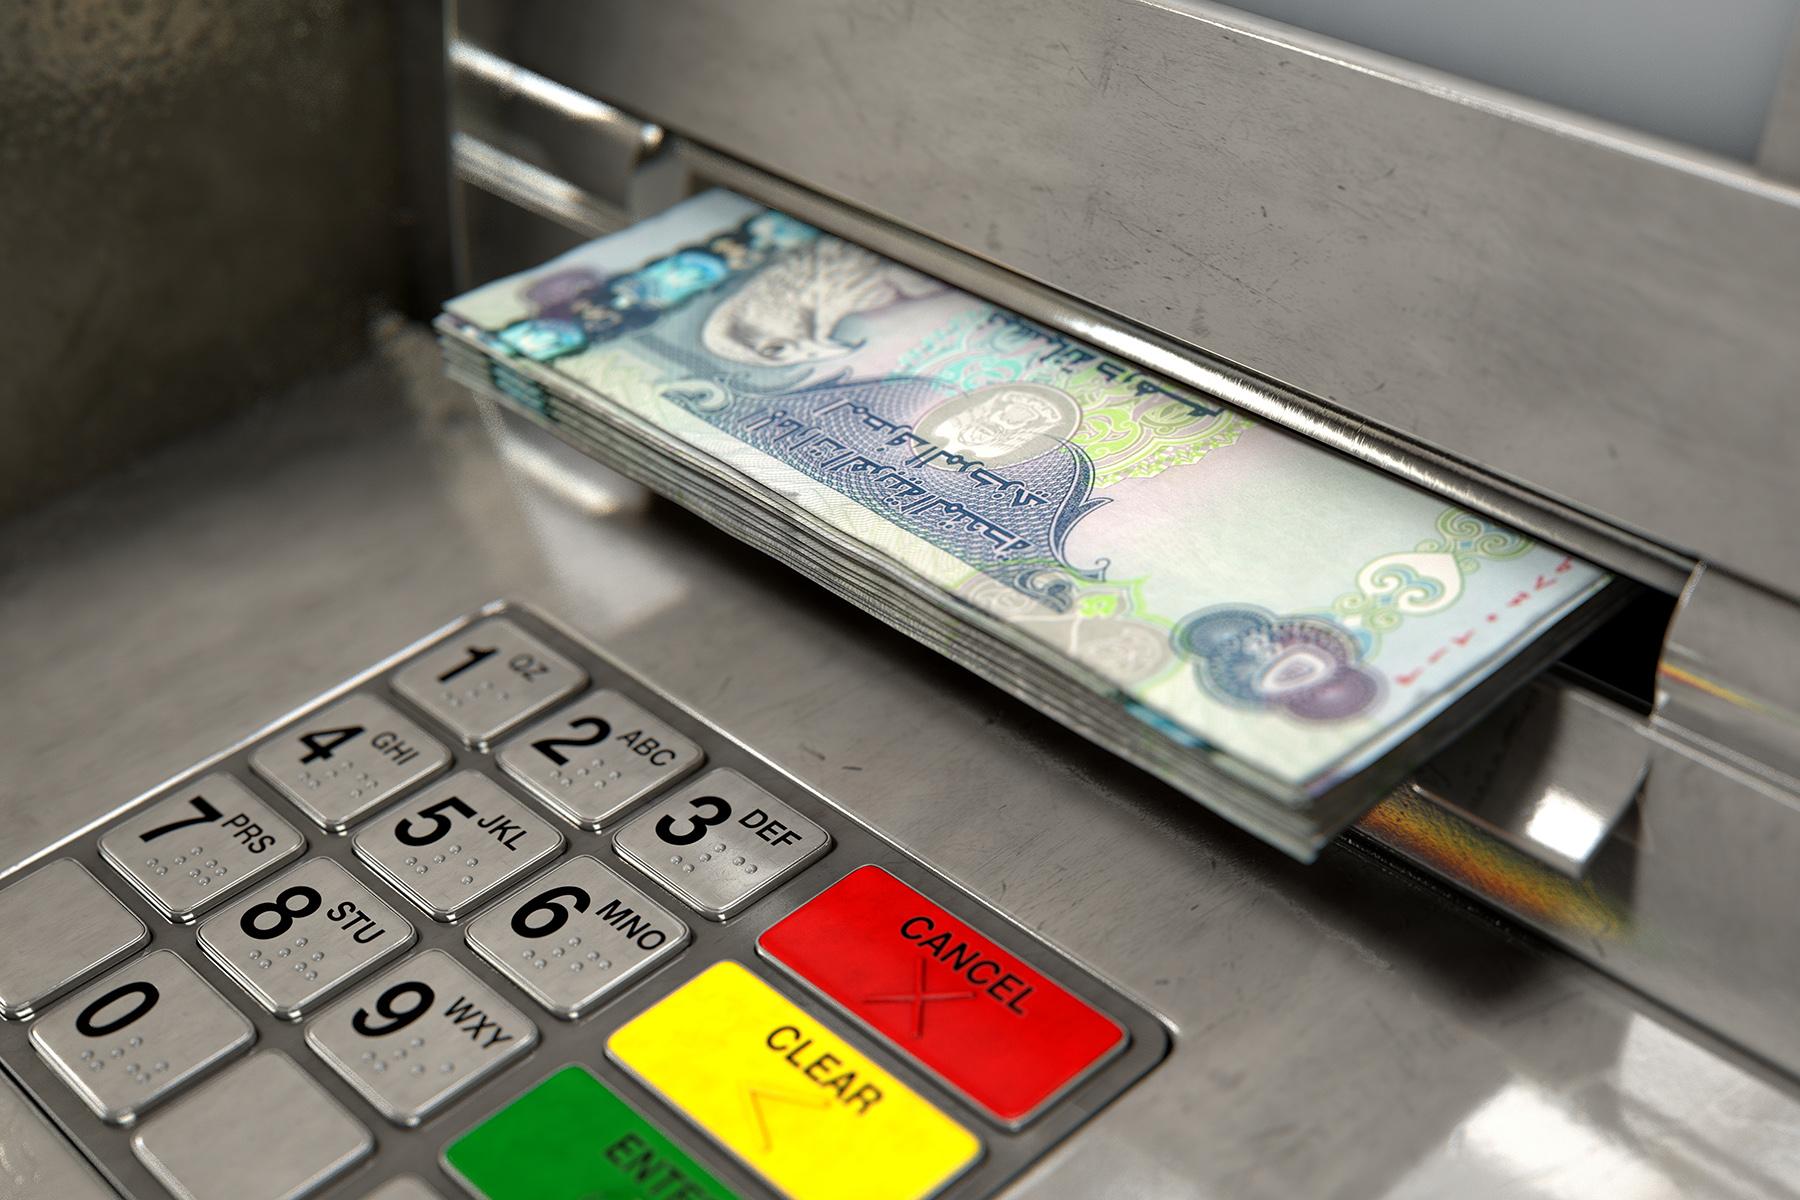 ATM dispensing Emirati dirham notes